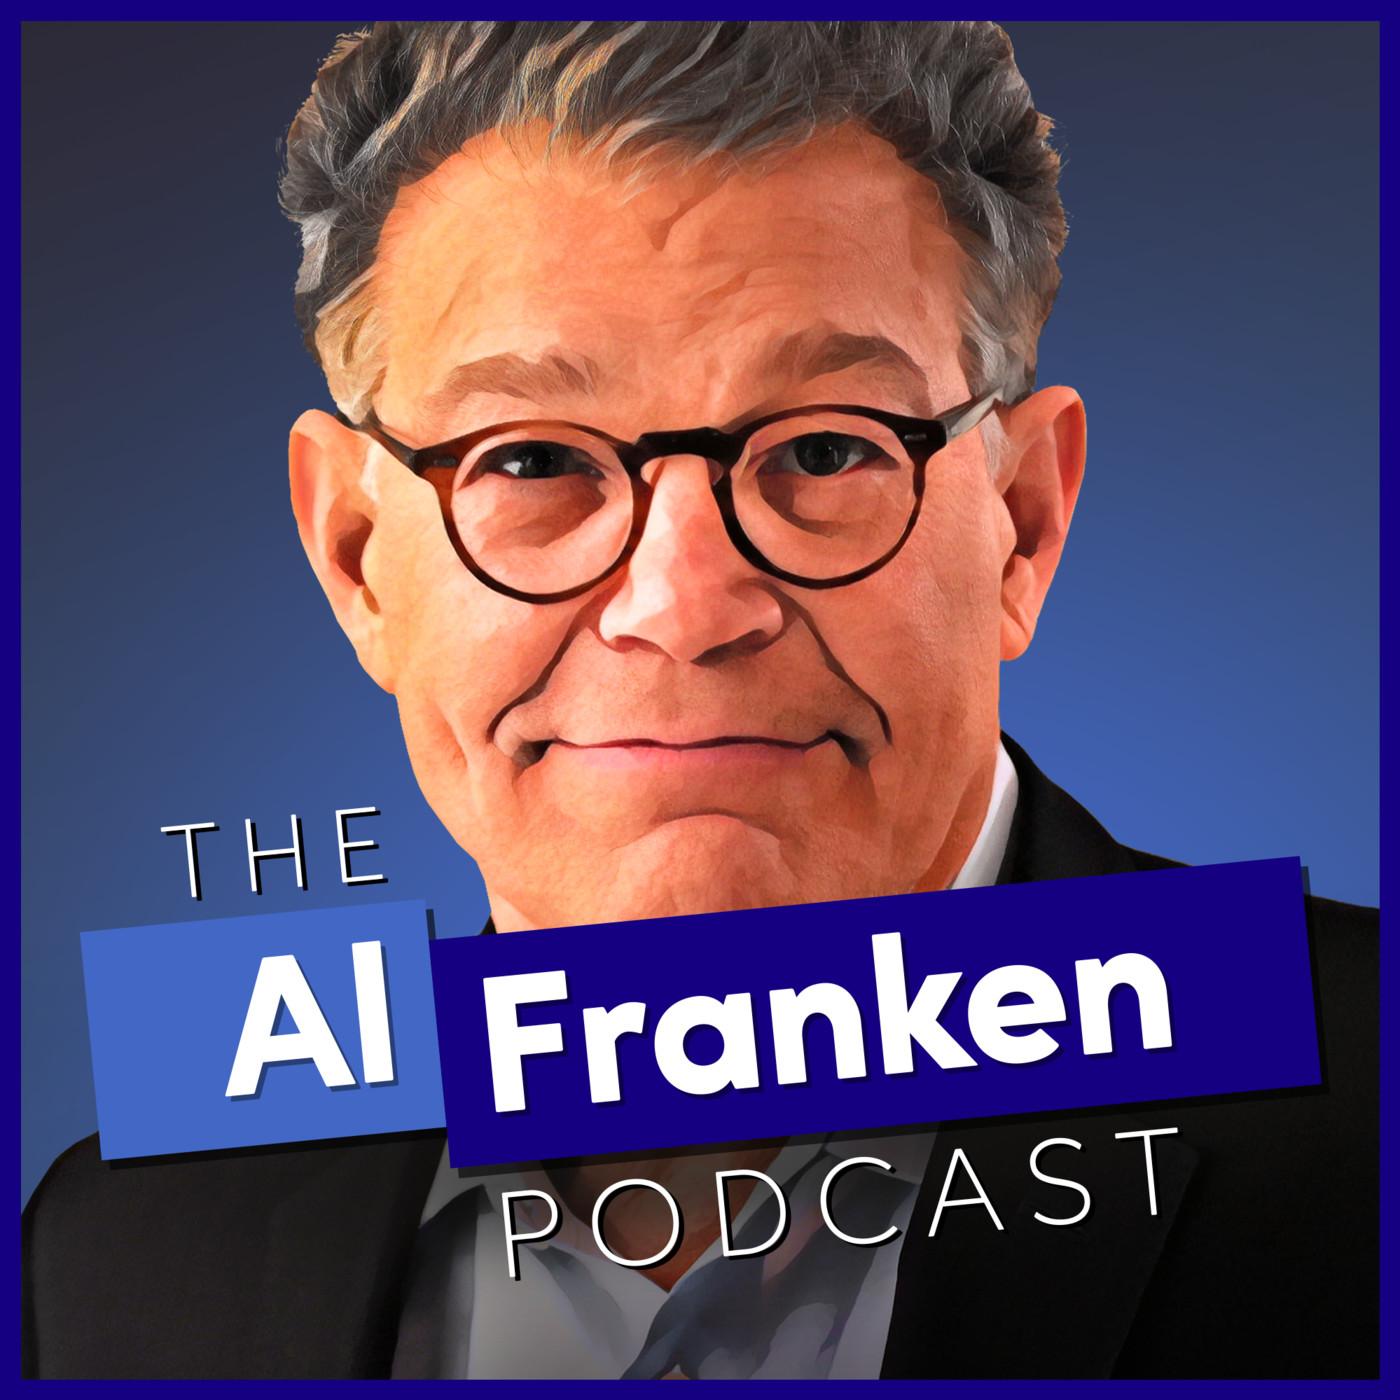 The Al Franken Podcast